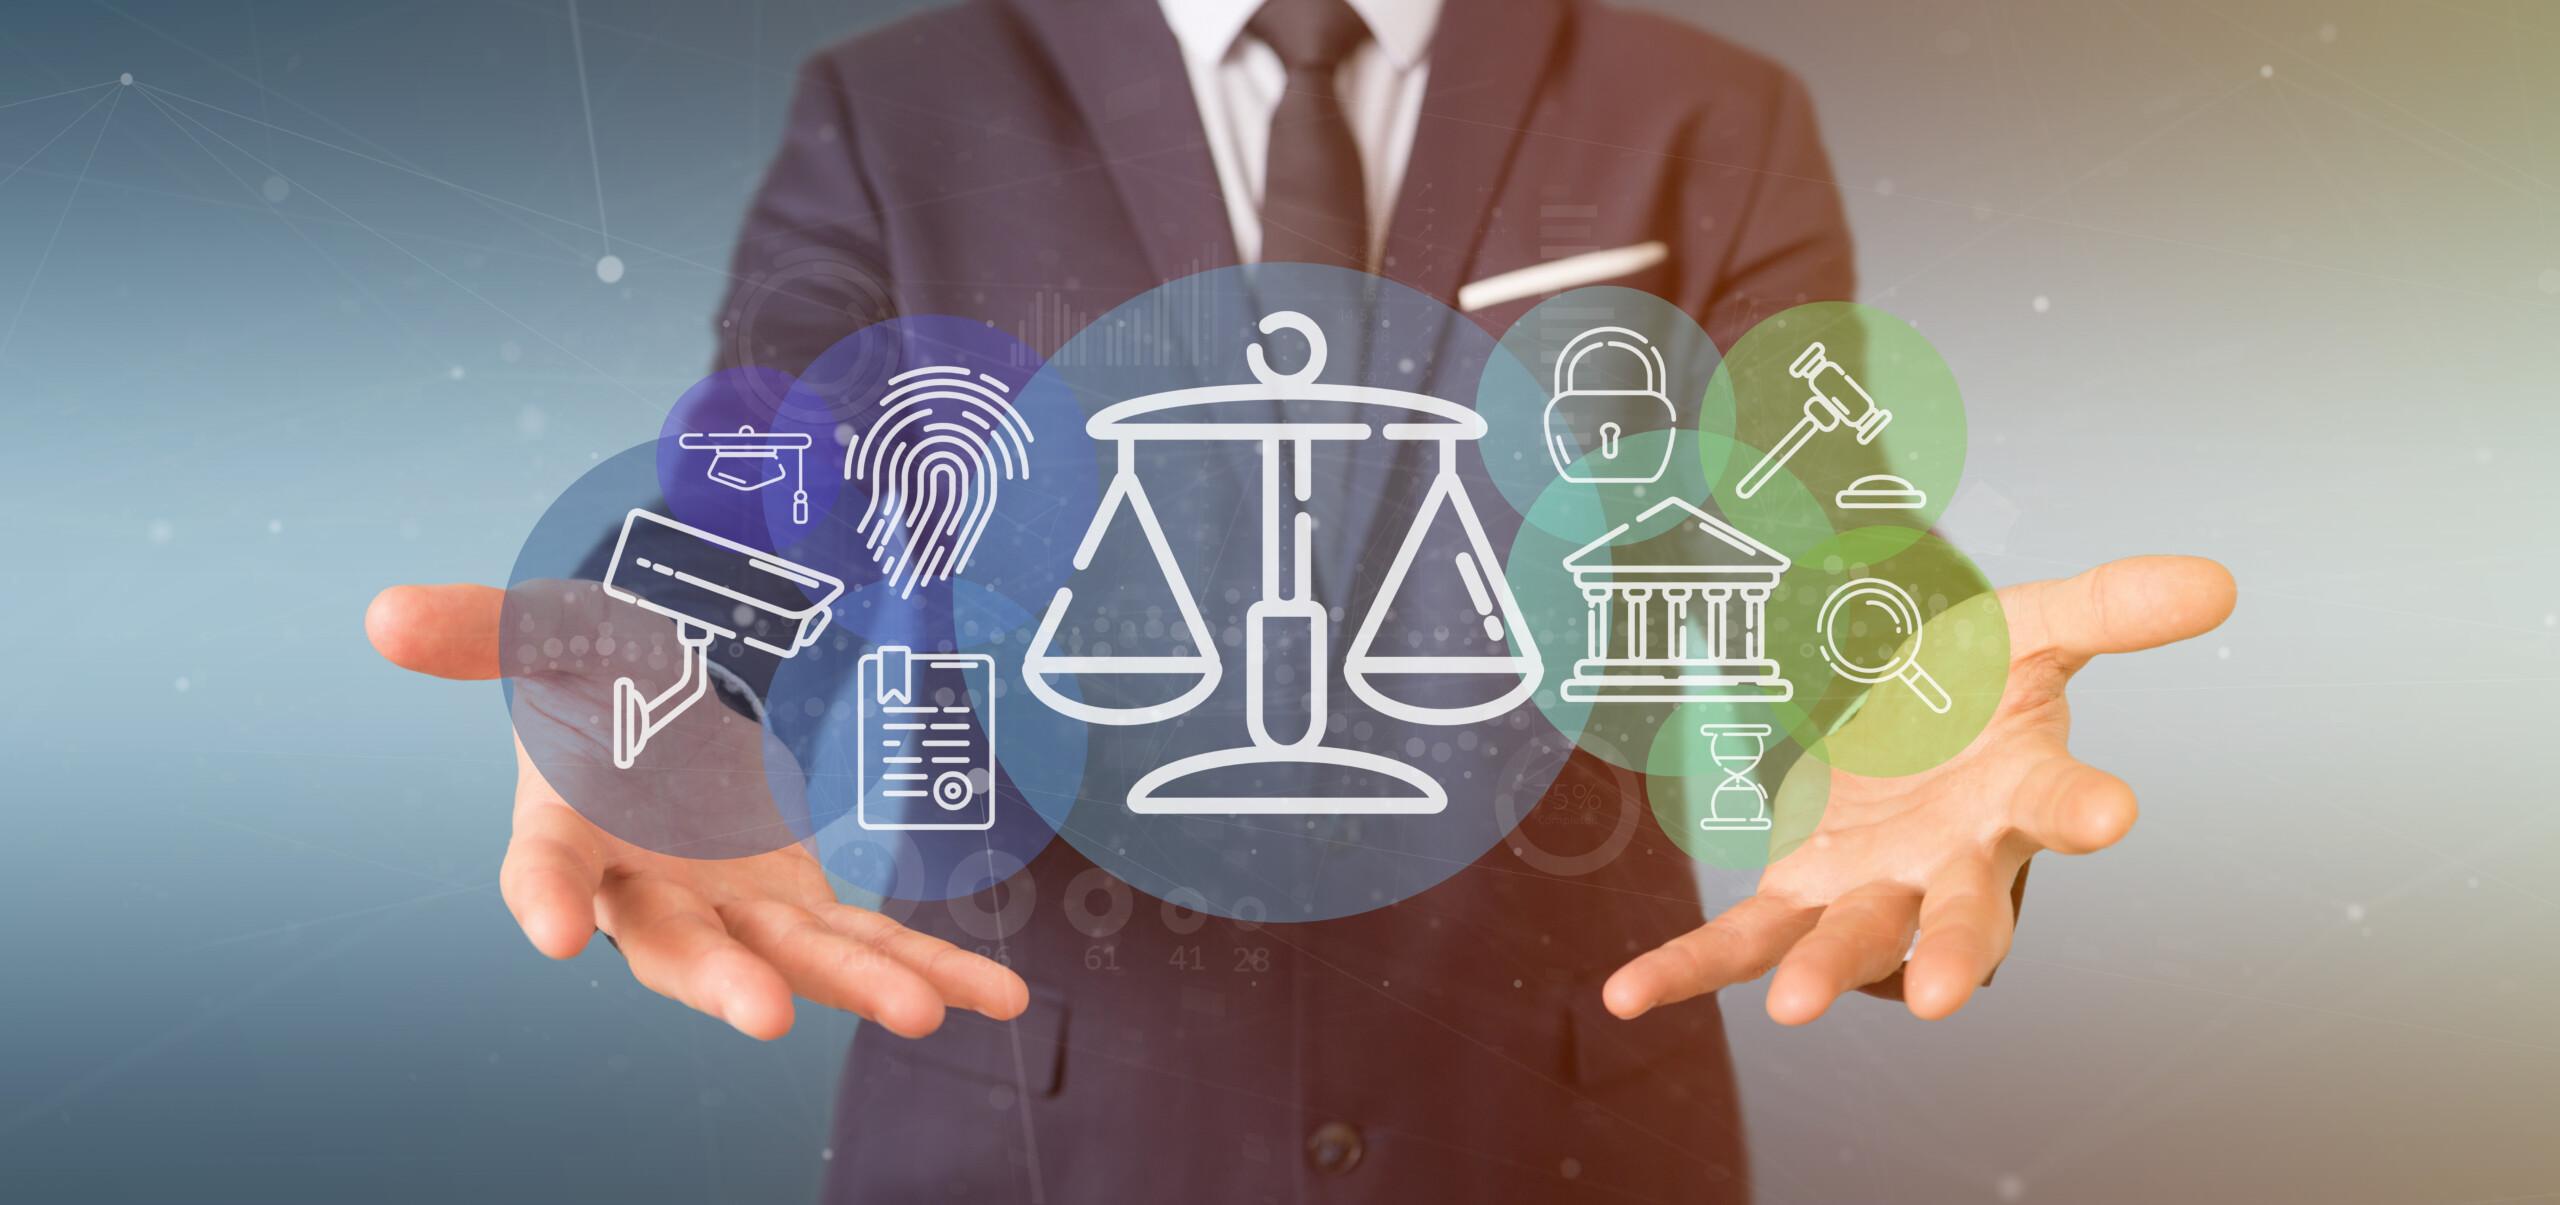 Ψηφιακή Δικαιοσυνη